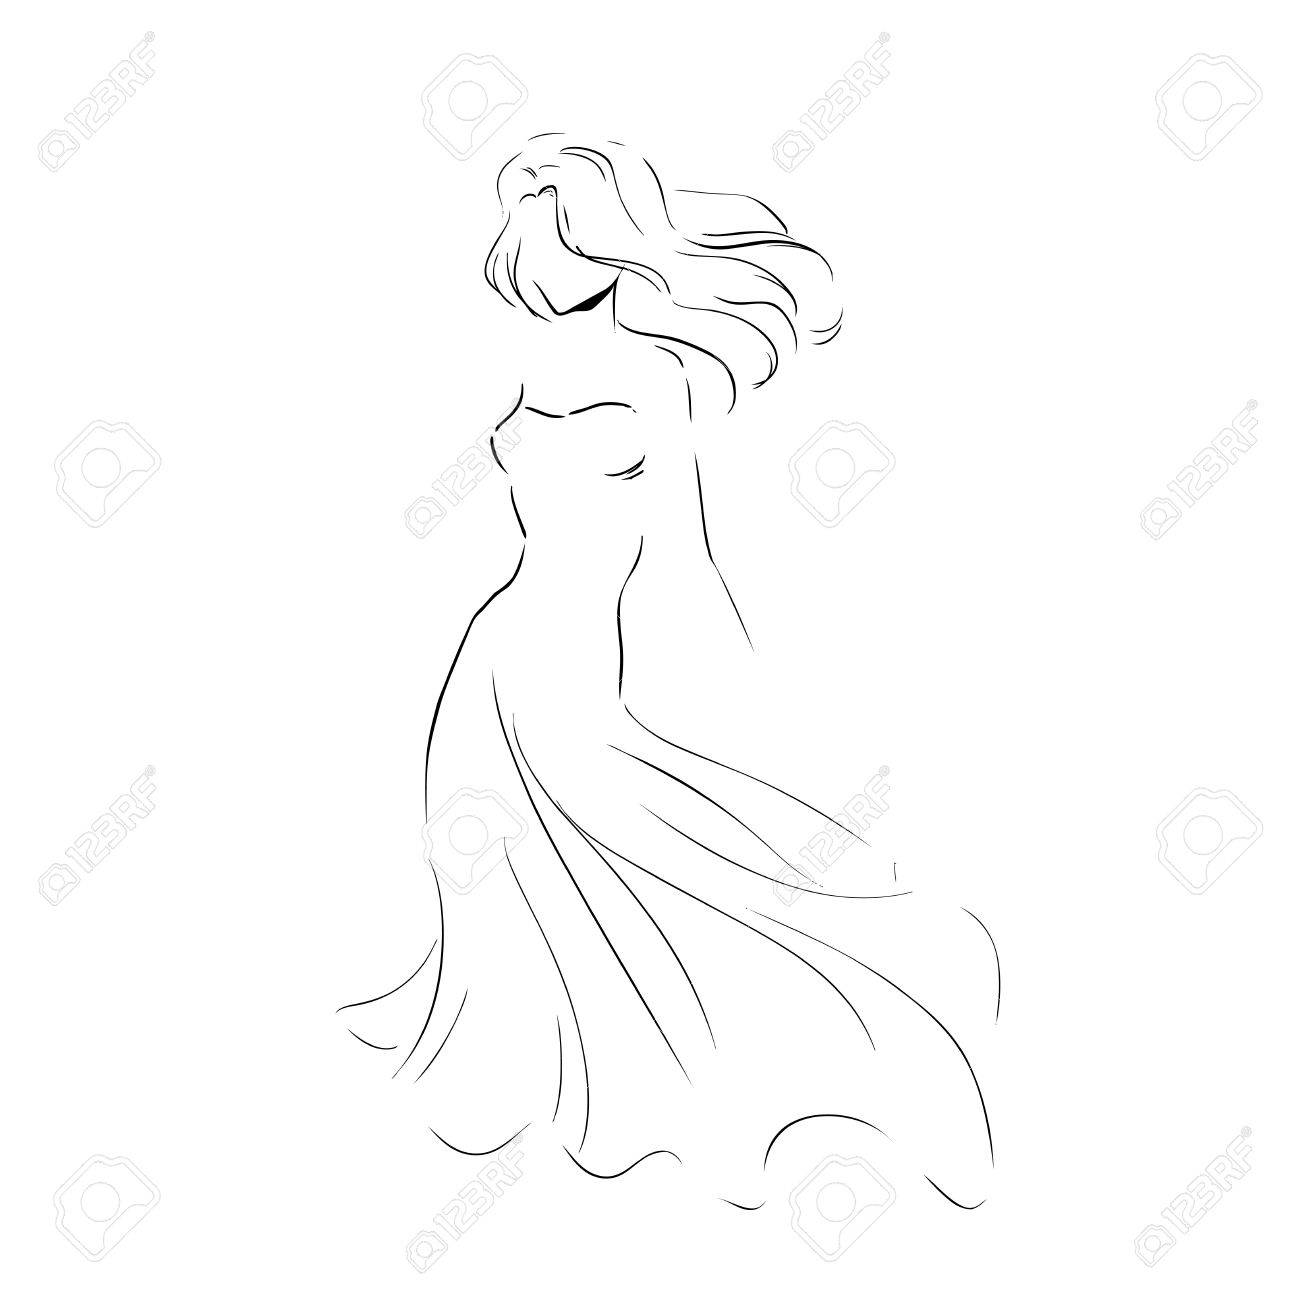 ドレス モノクロ イラスト